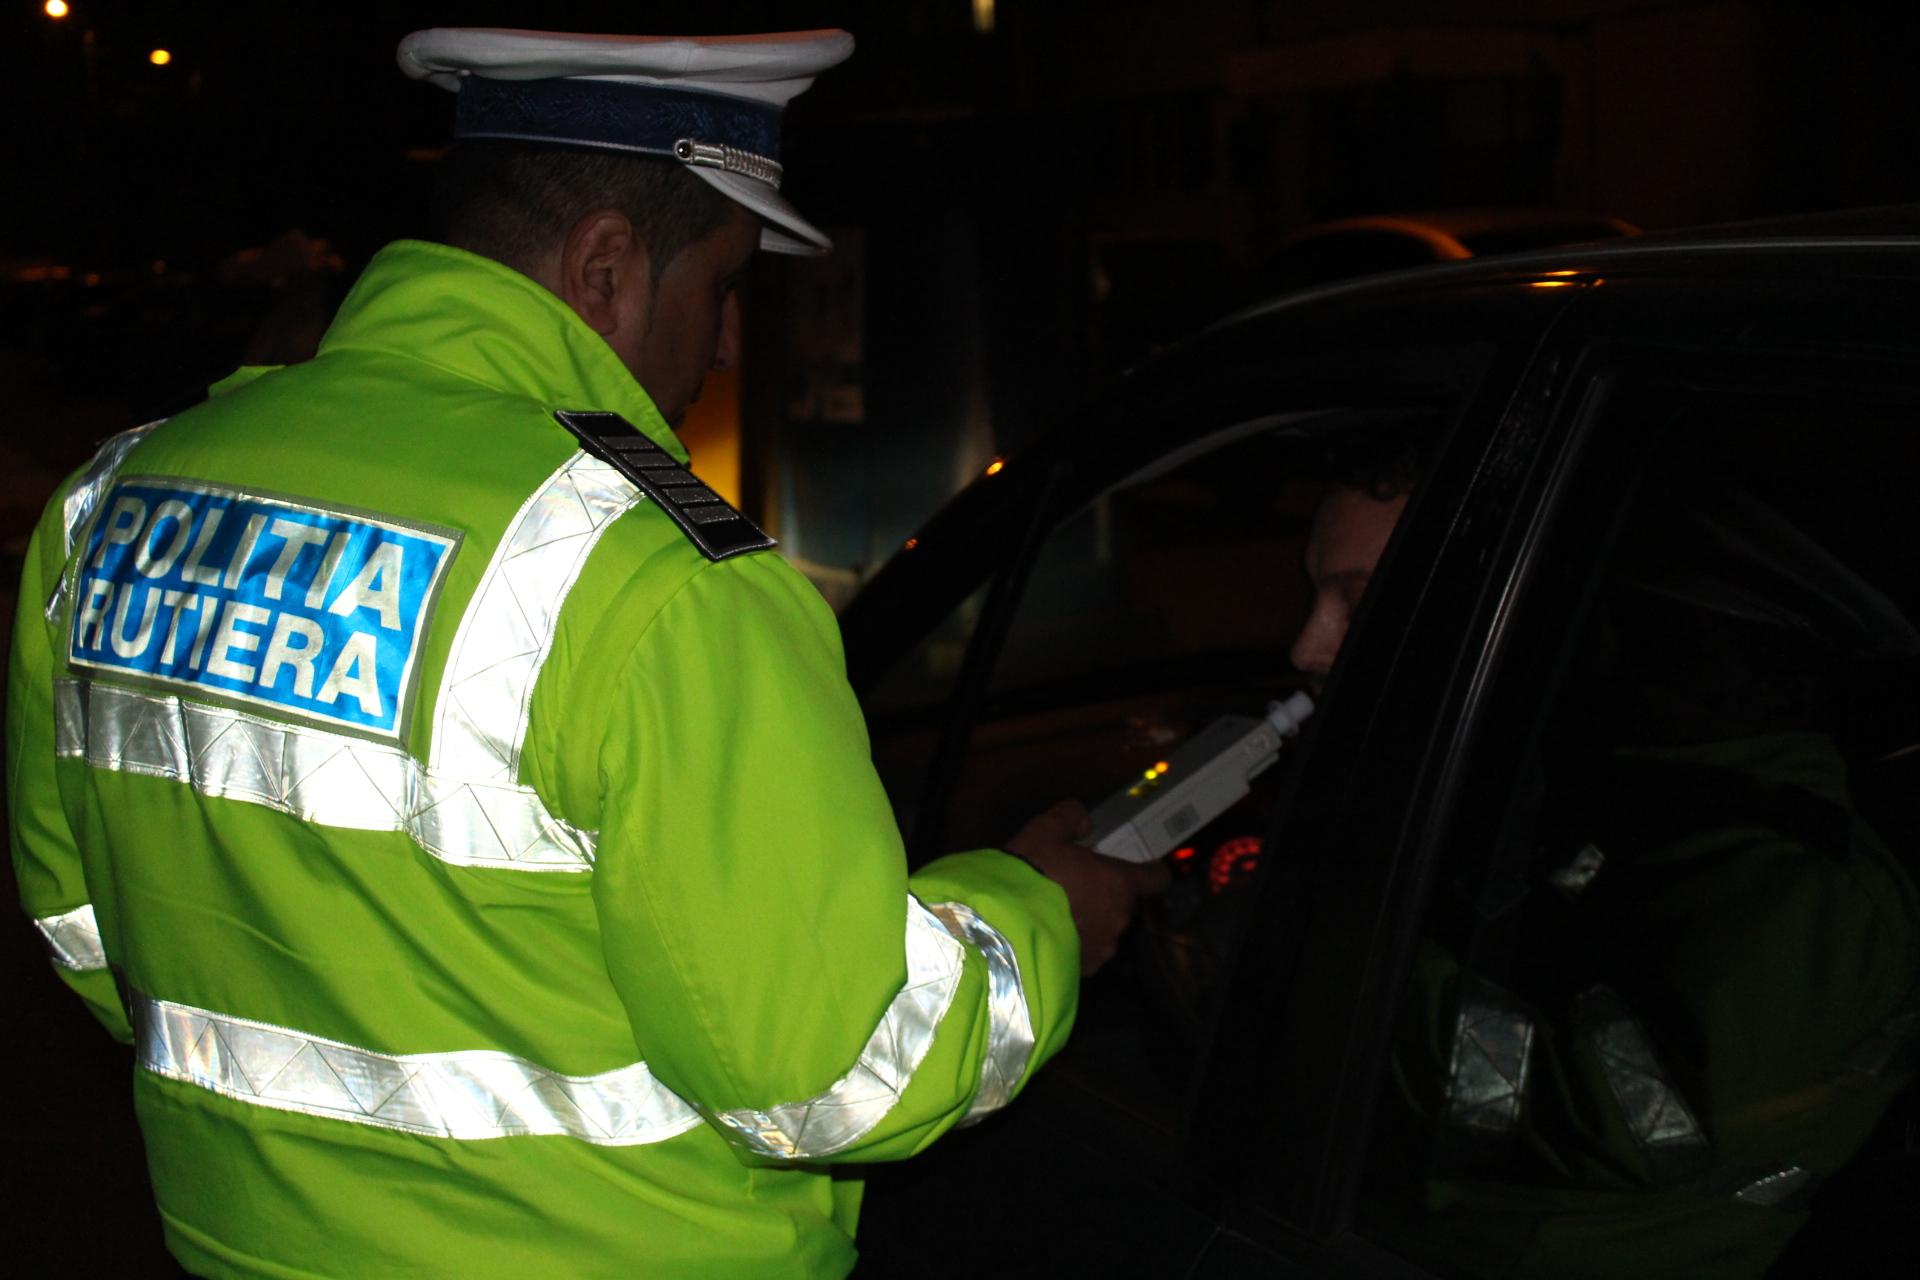 politia rutiera fagaras